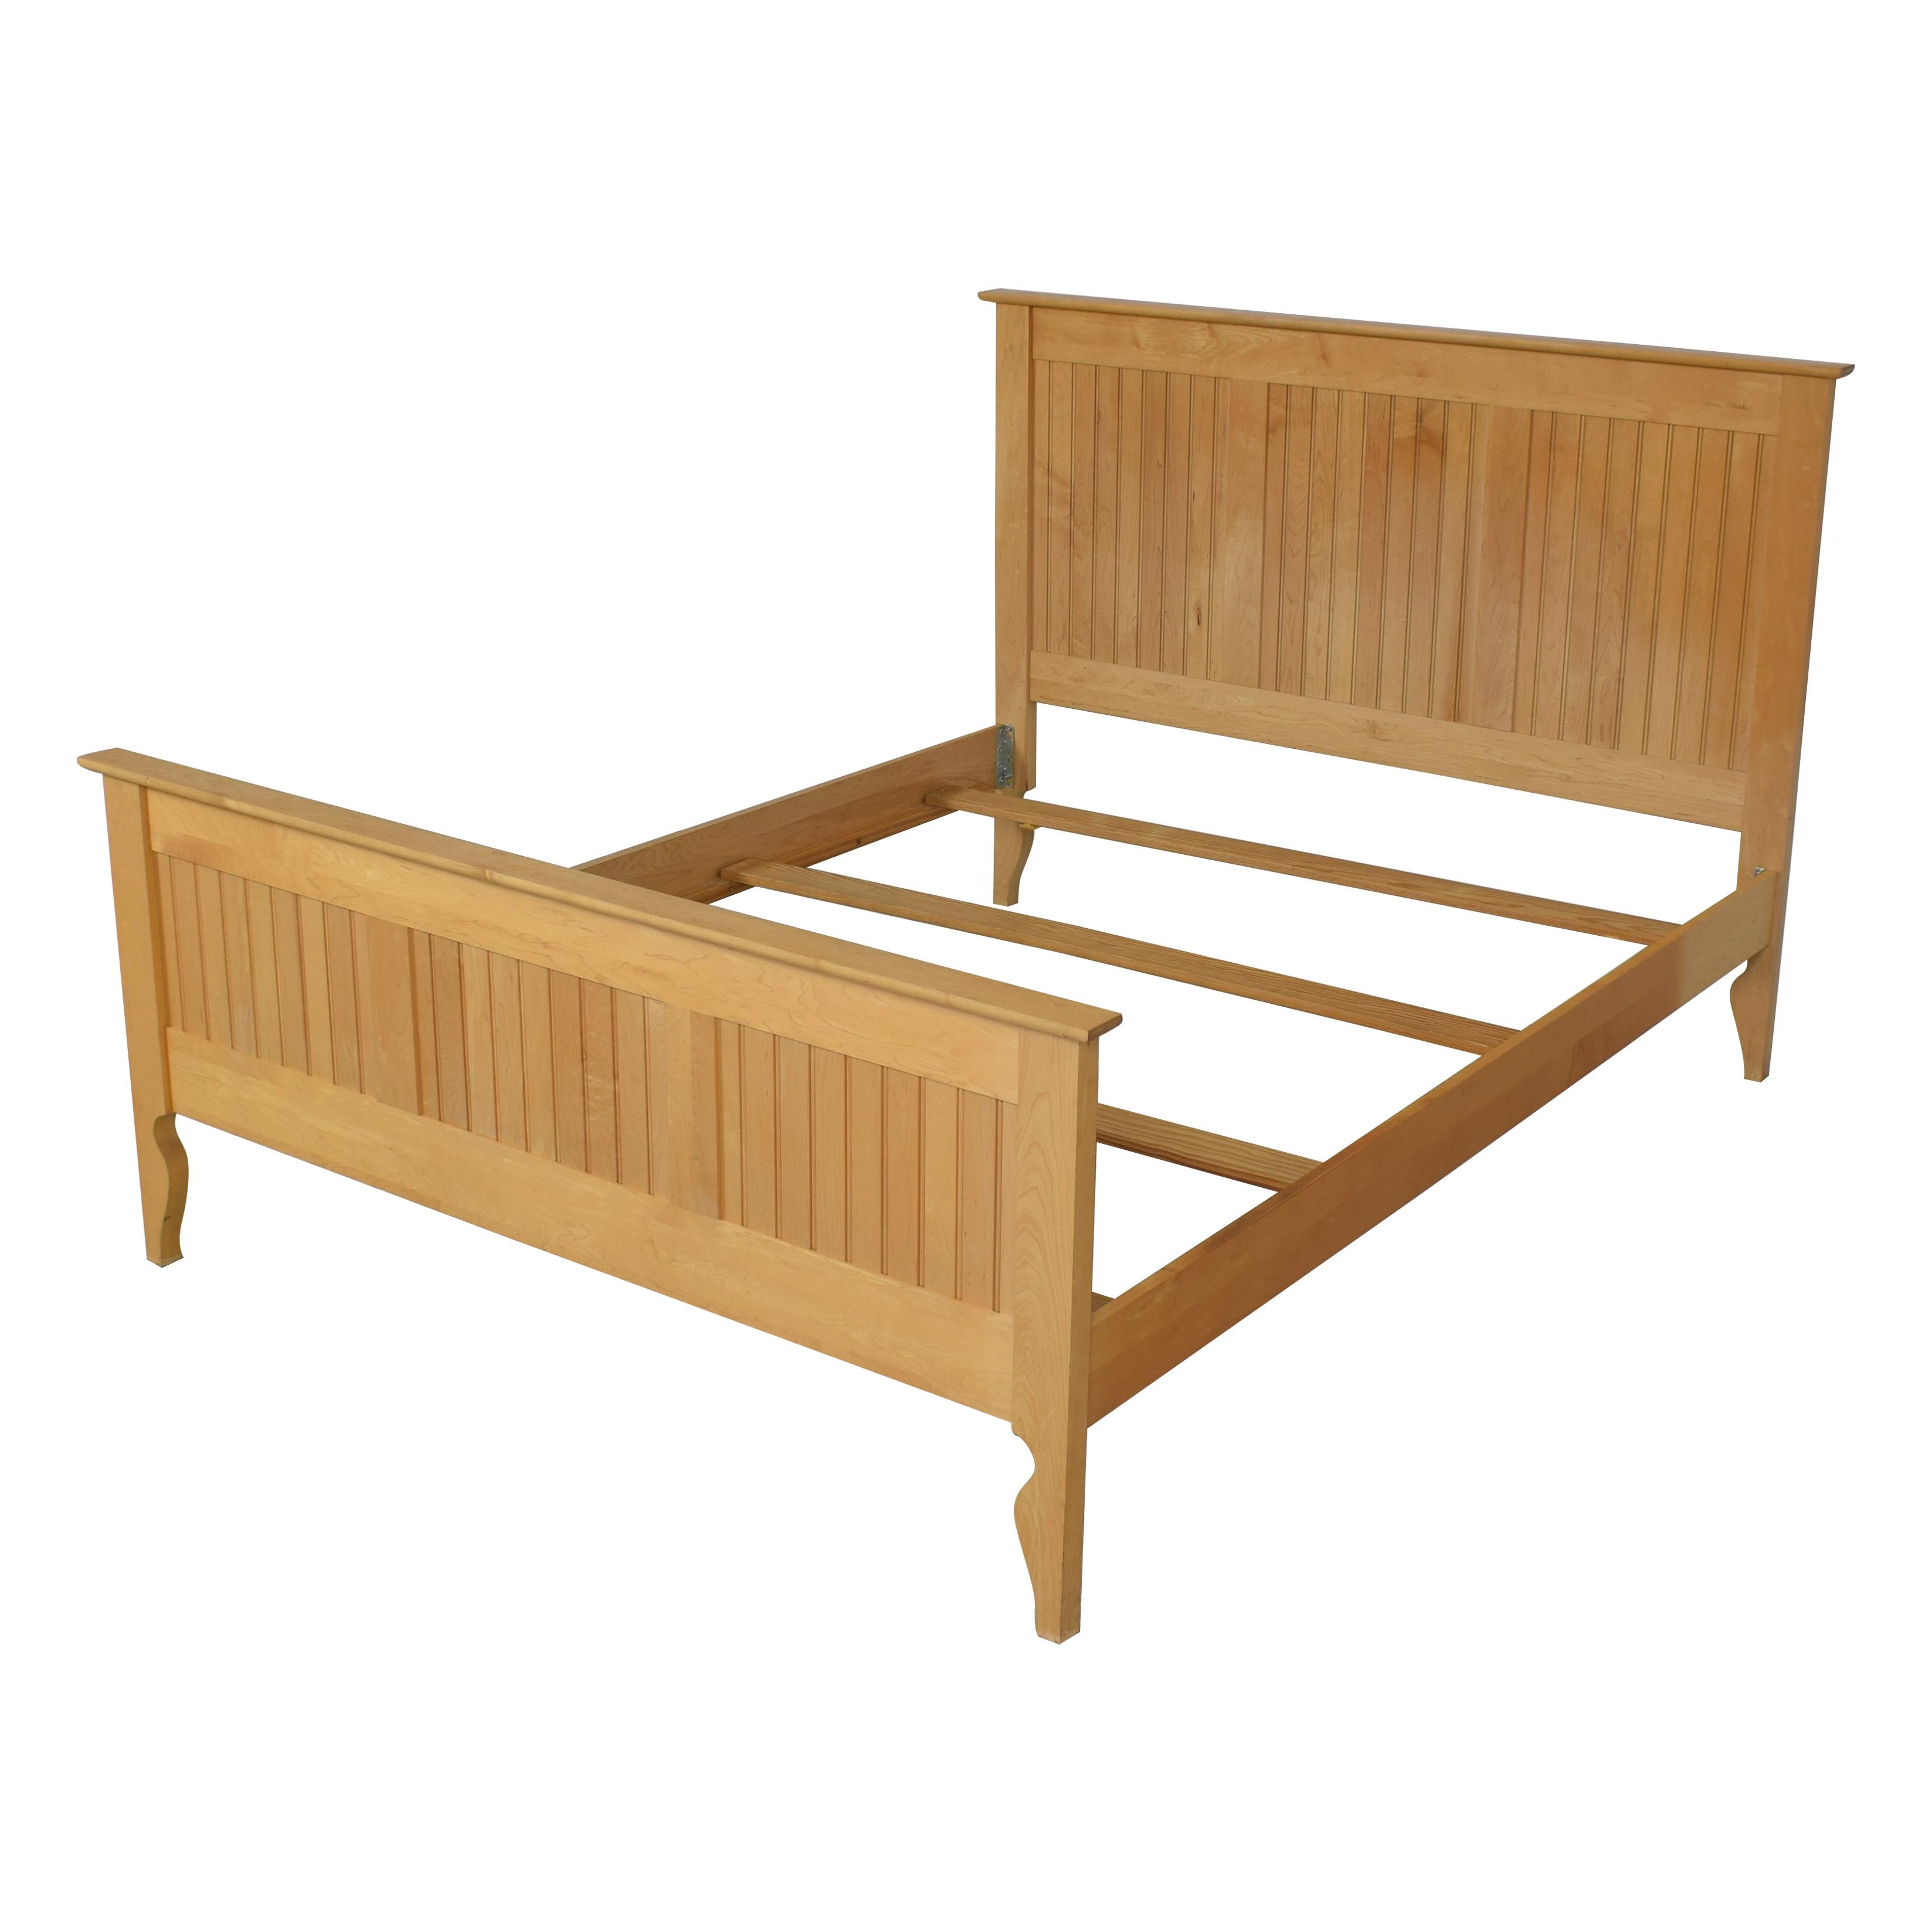 buy Crate & Barrel Crate & Barrel Wooden Queen Bed online